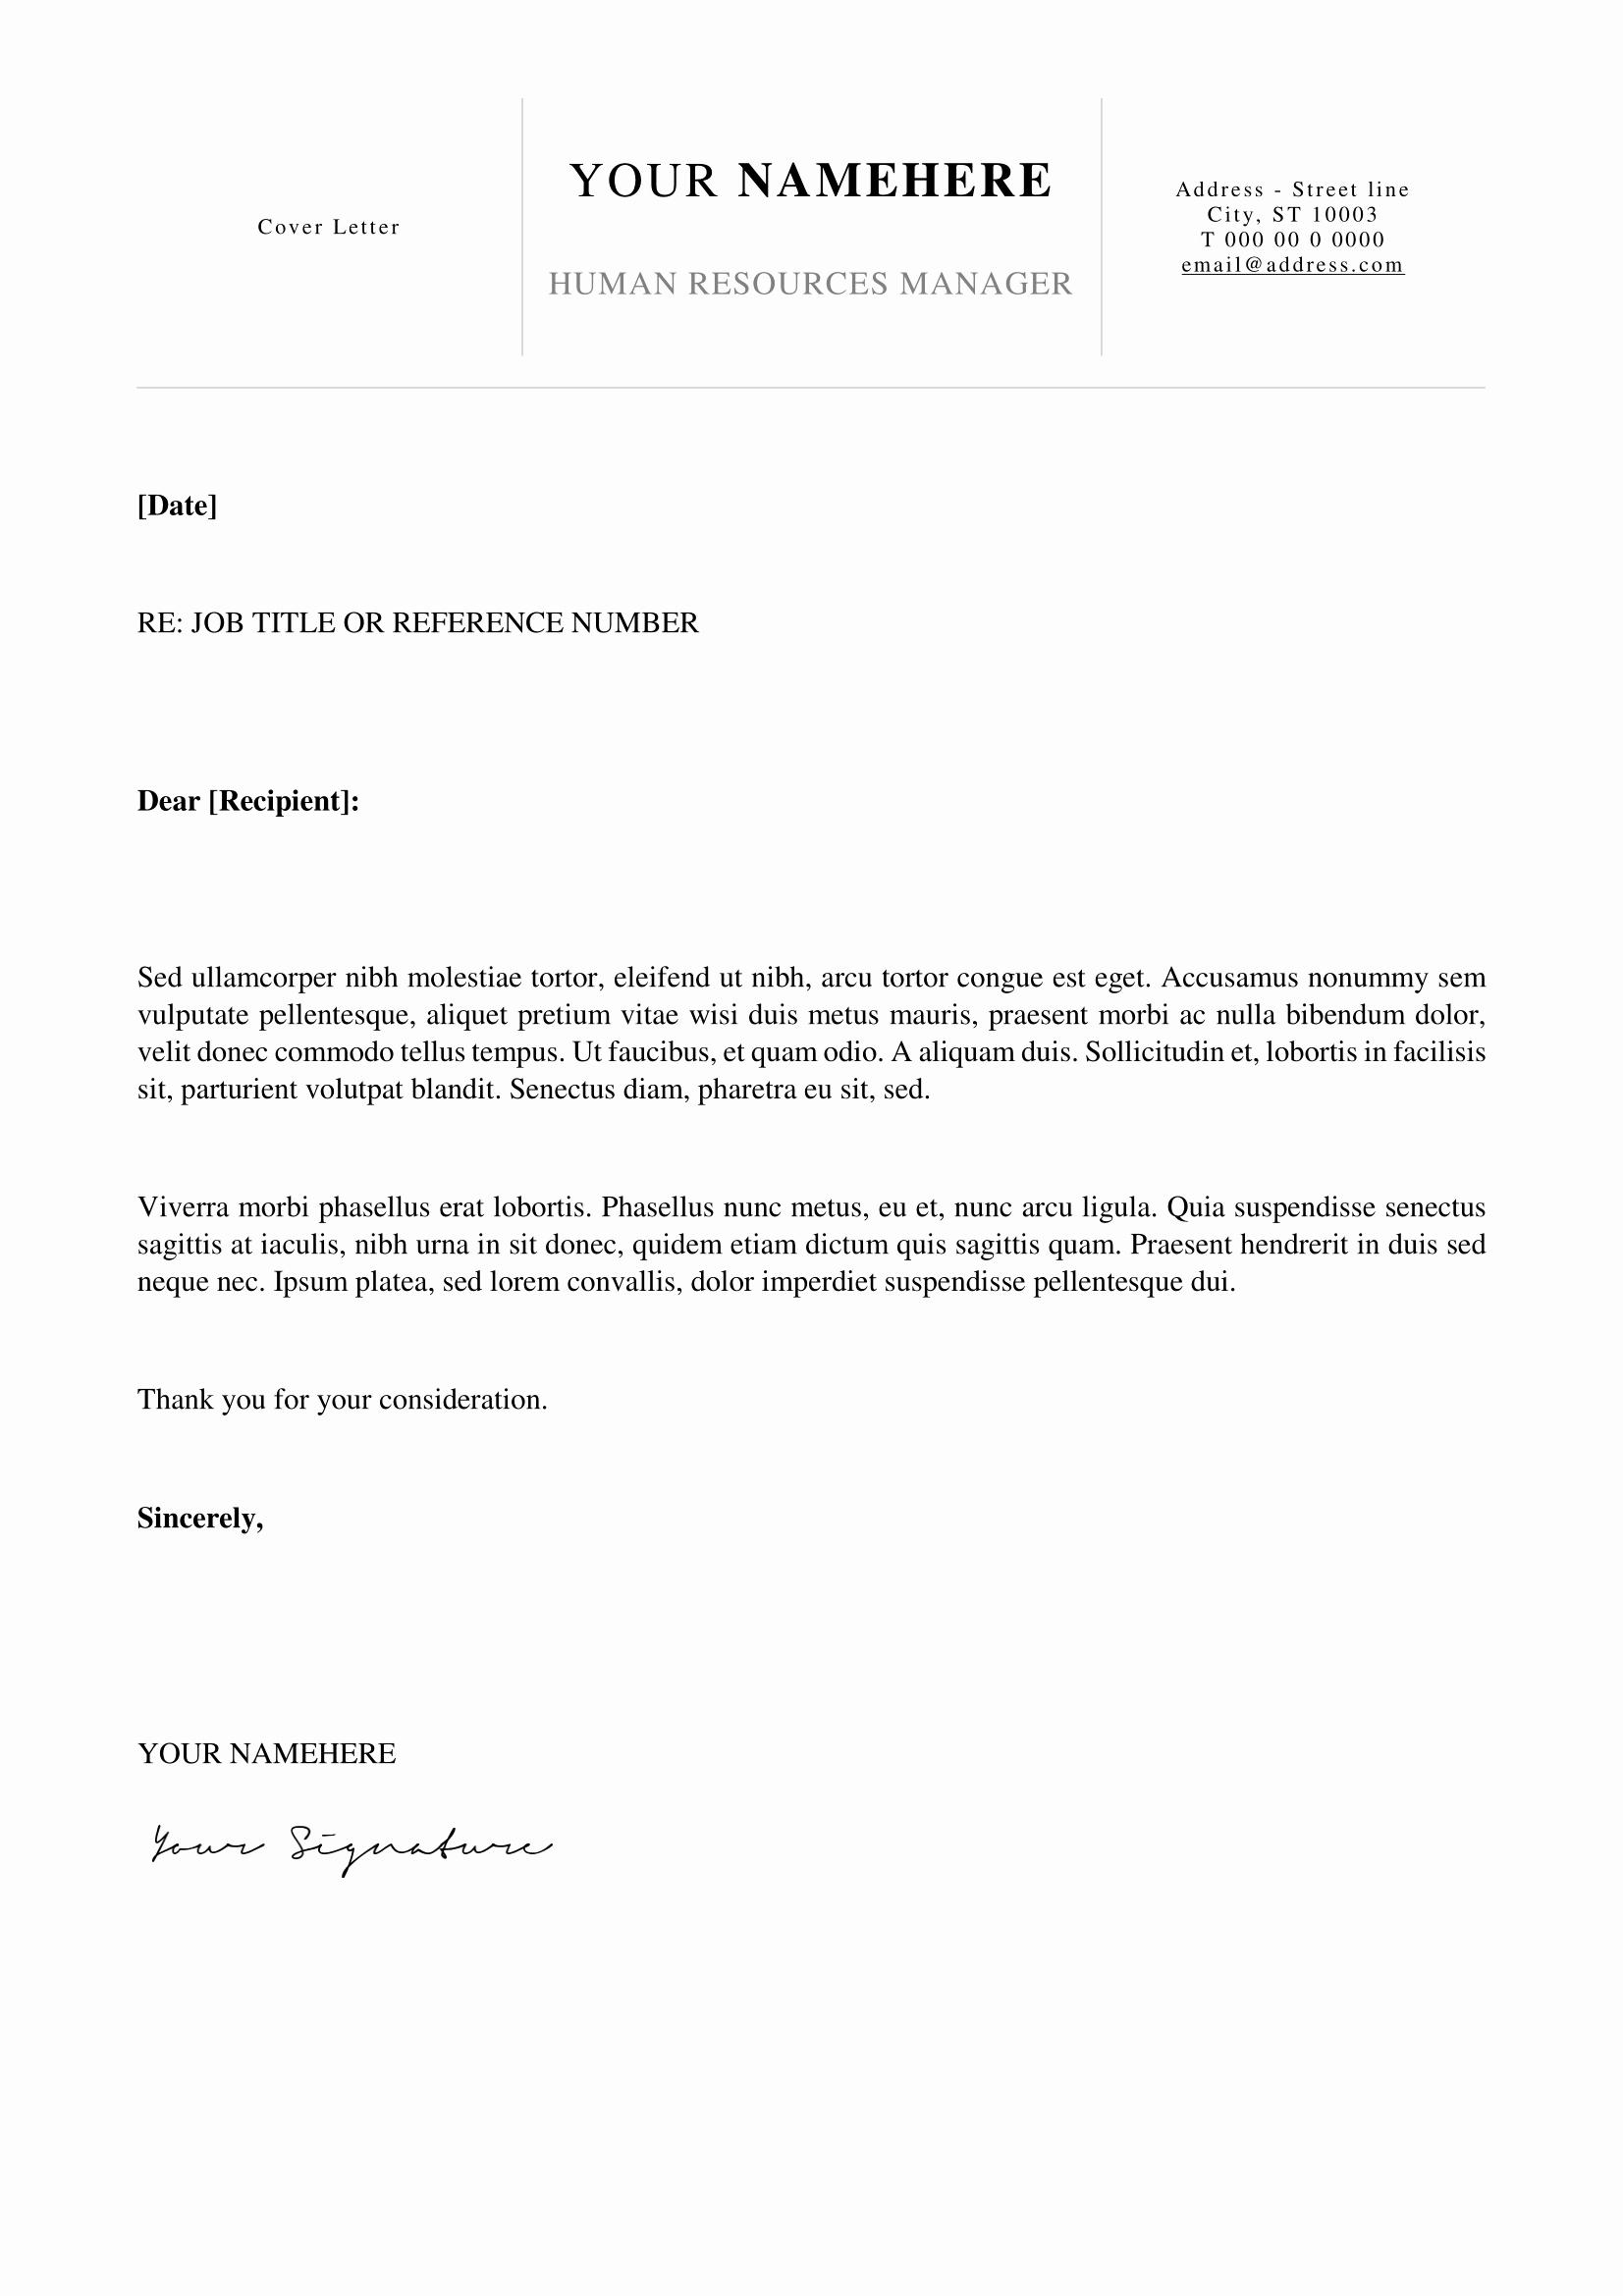 Free Resume Cover Letter Template Elegant Kallio Free Simple Cover Letter Template for Word Docx